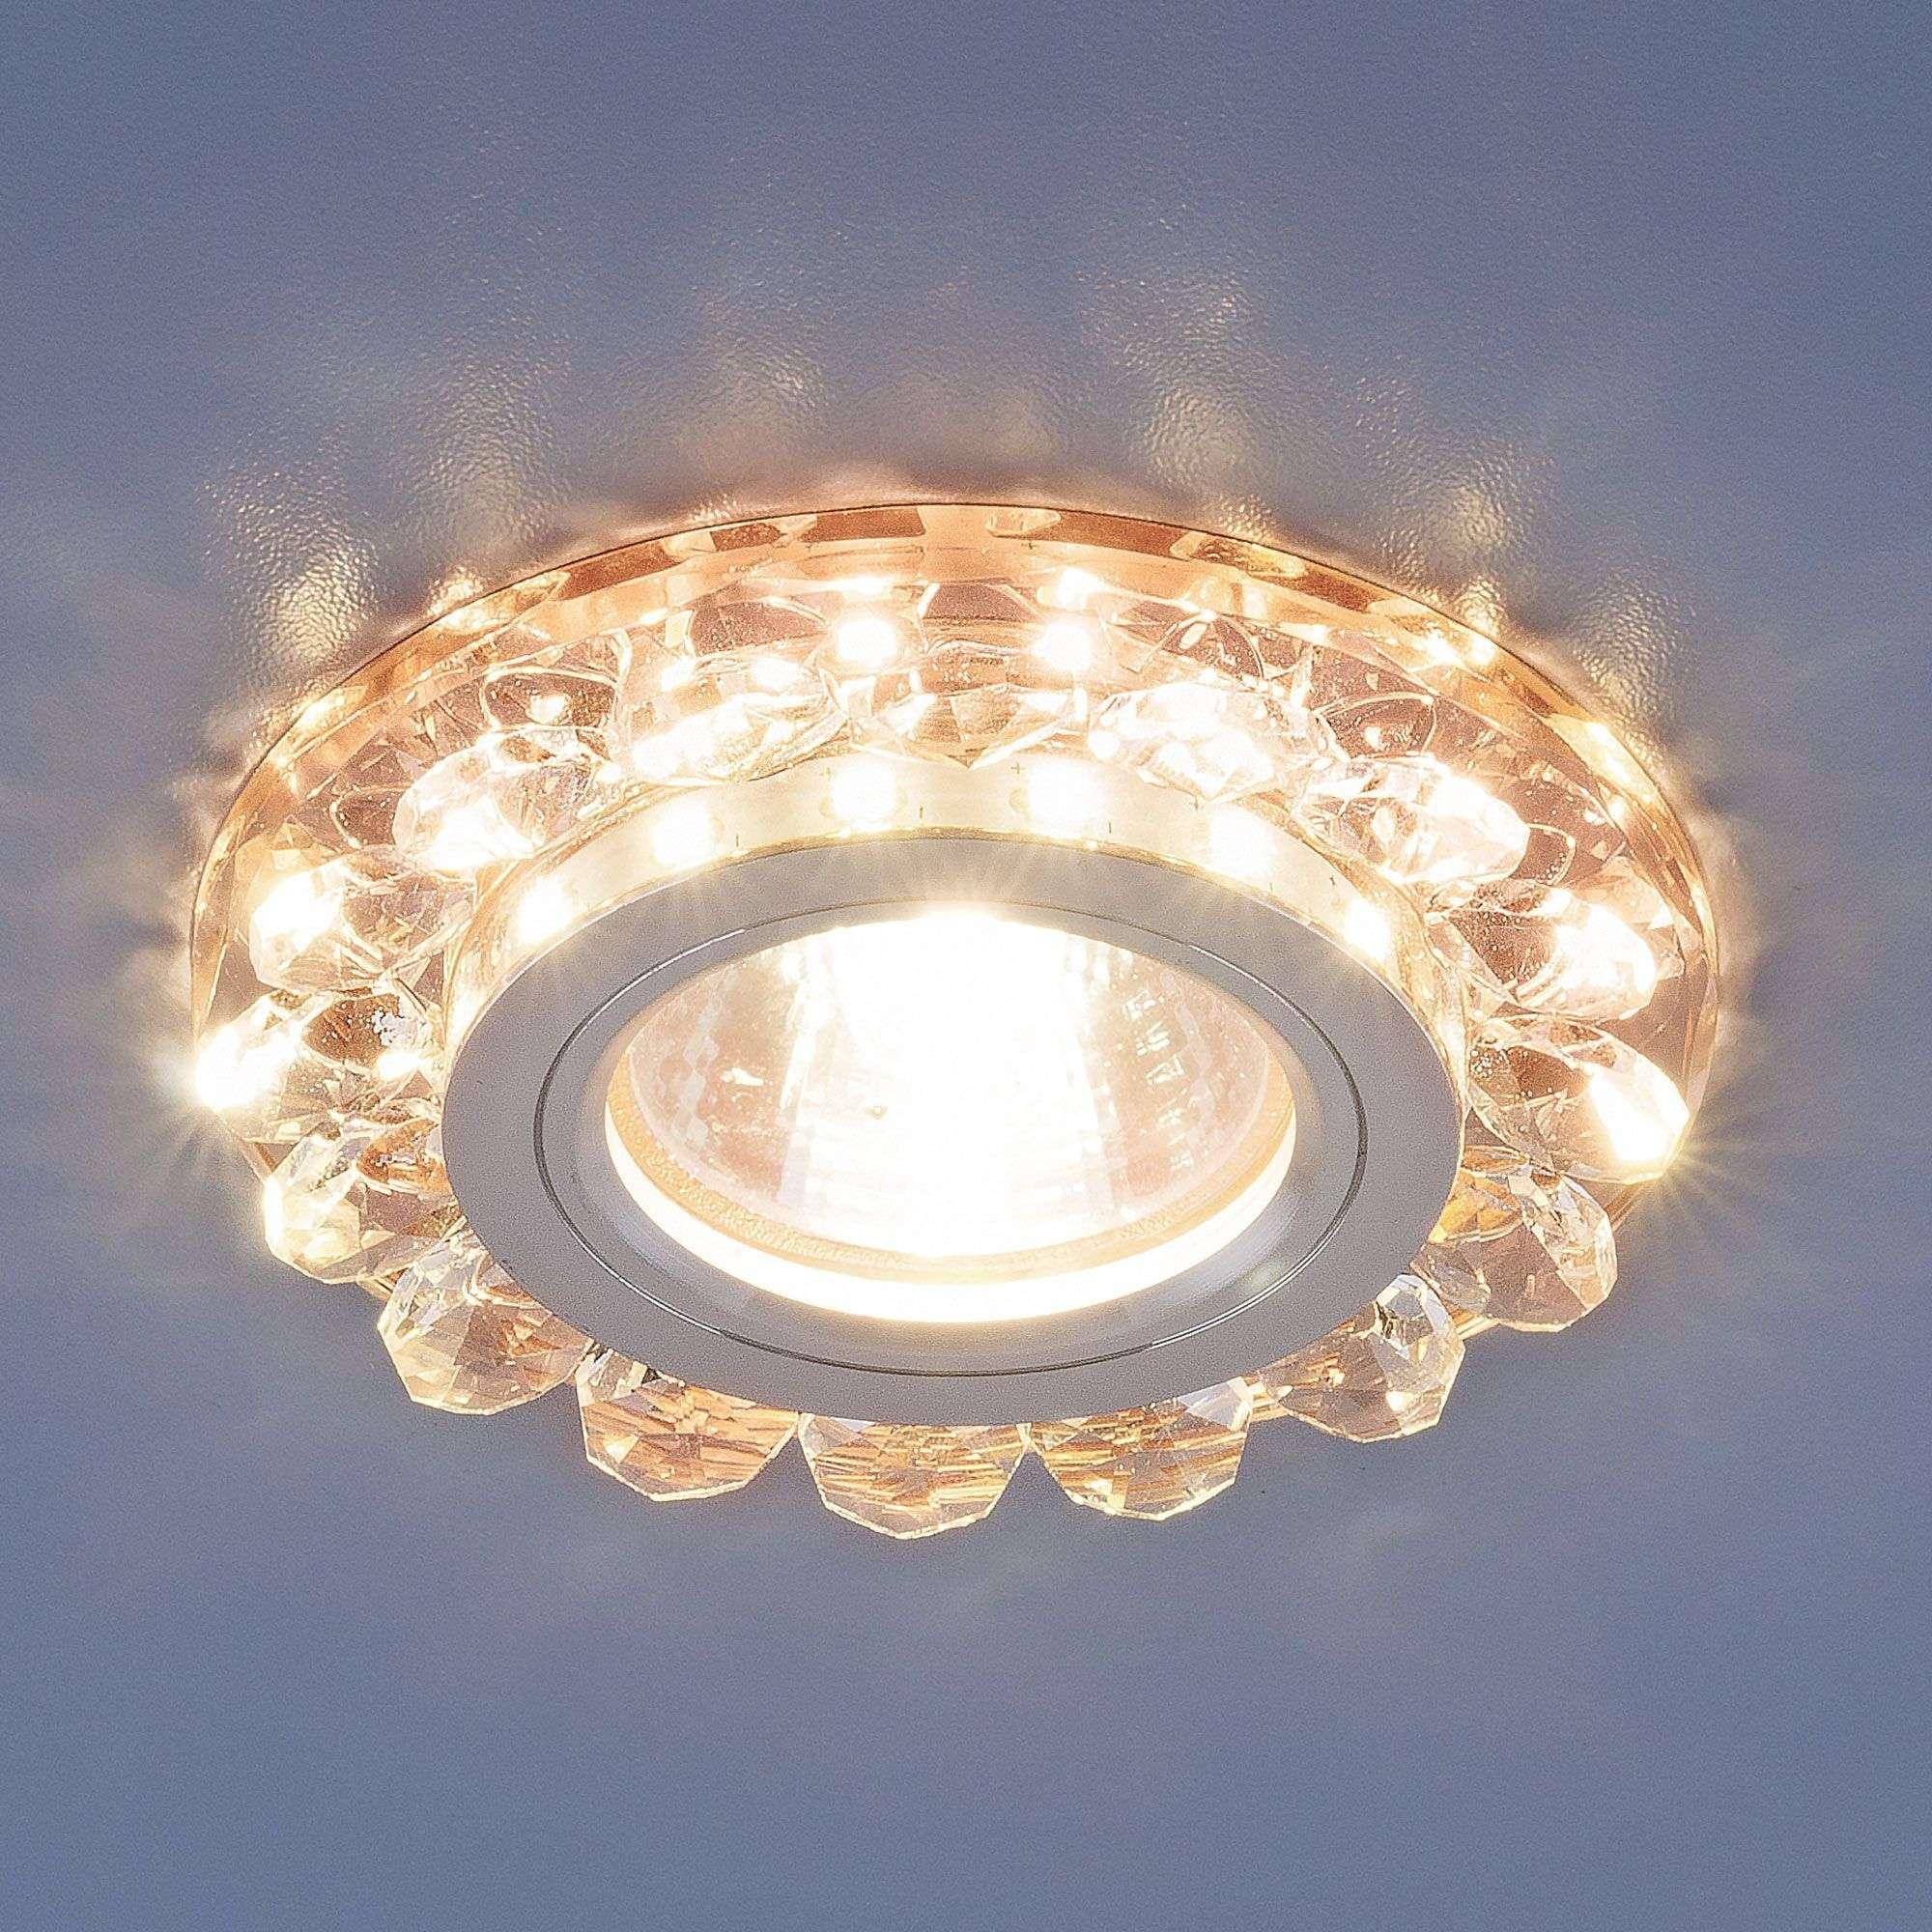 Точечный светильник с LED подсветкой 6036 MR16 GD золото